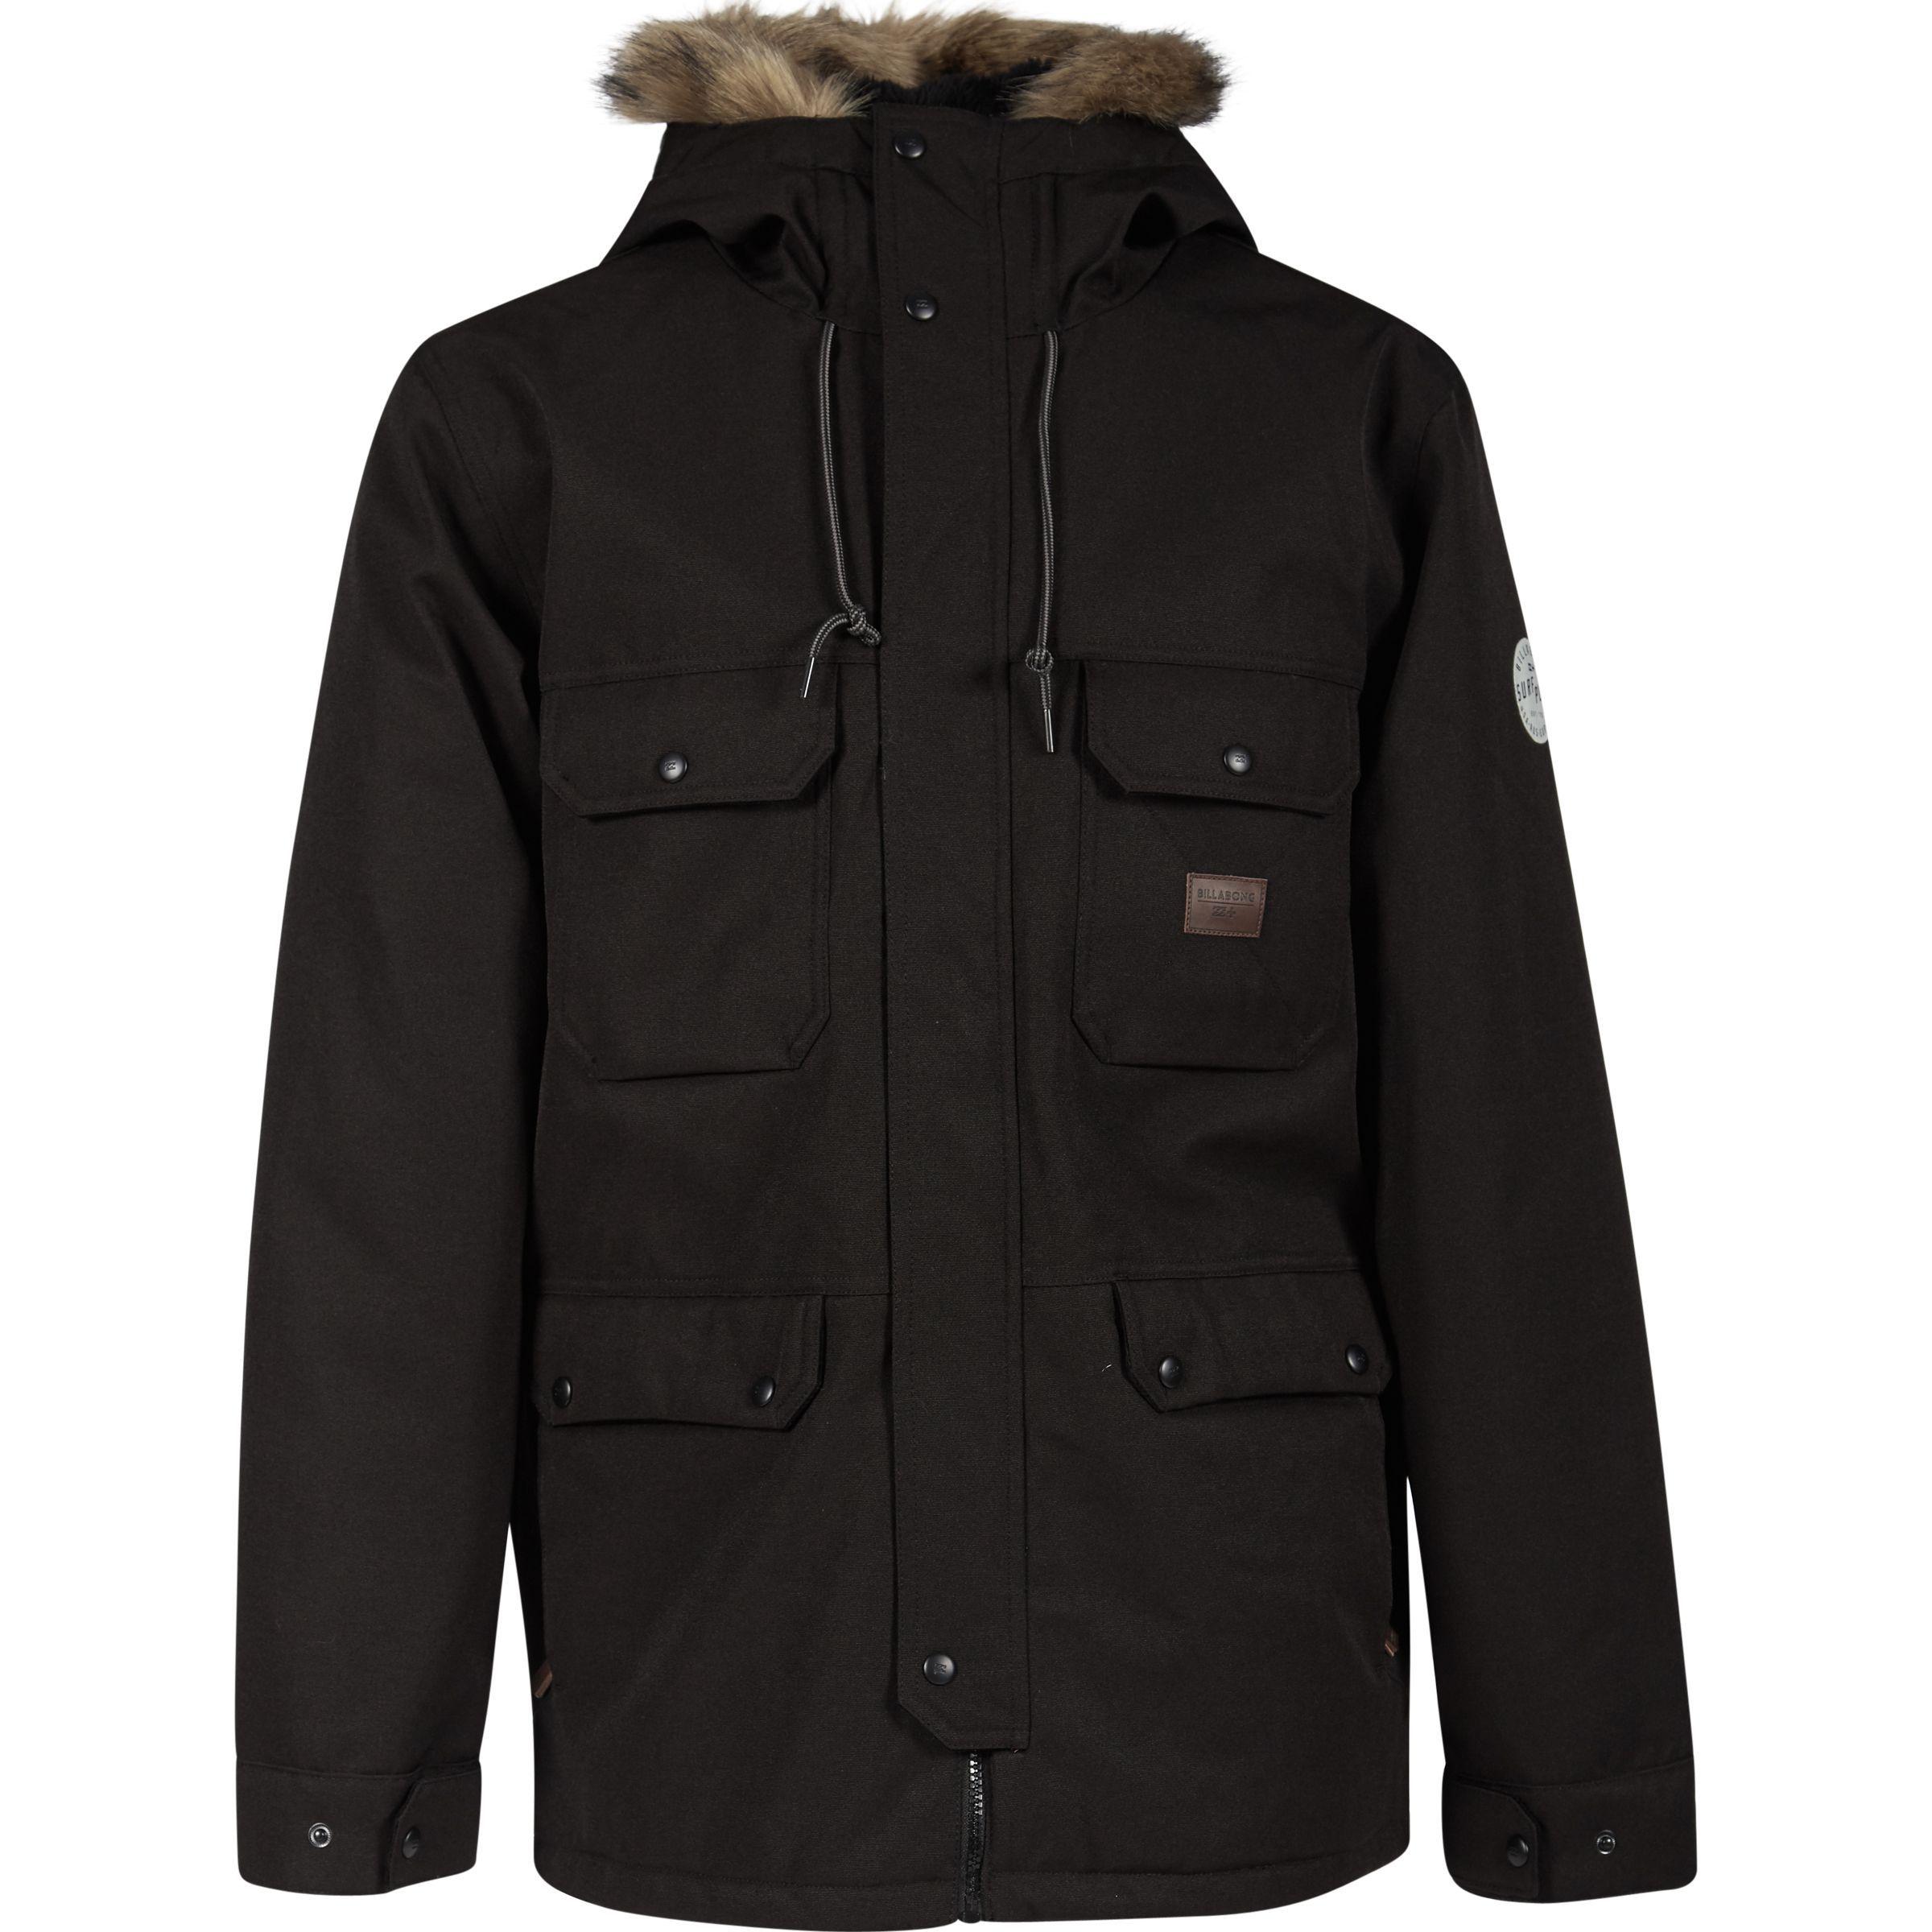 Billabong Olca jacket at House of Fraser for £52.99